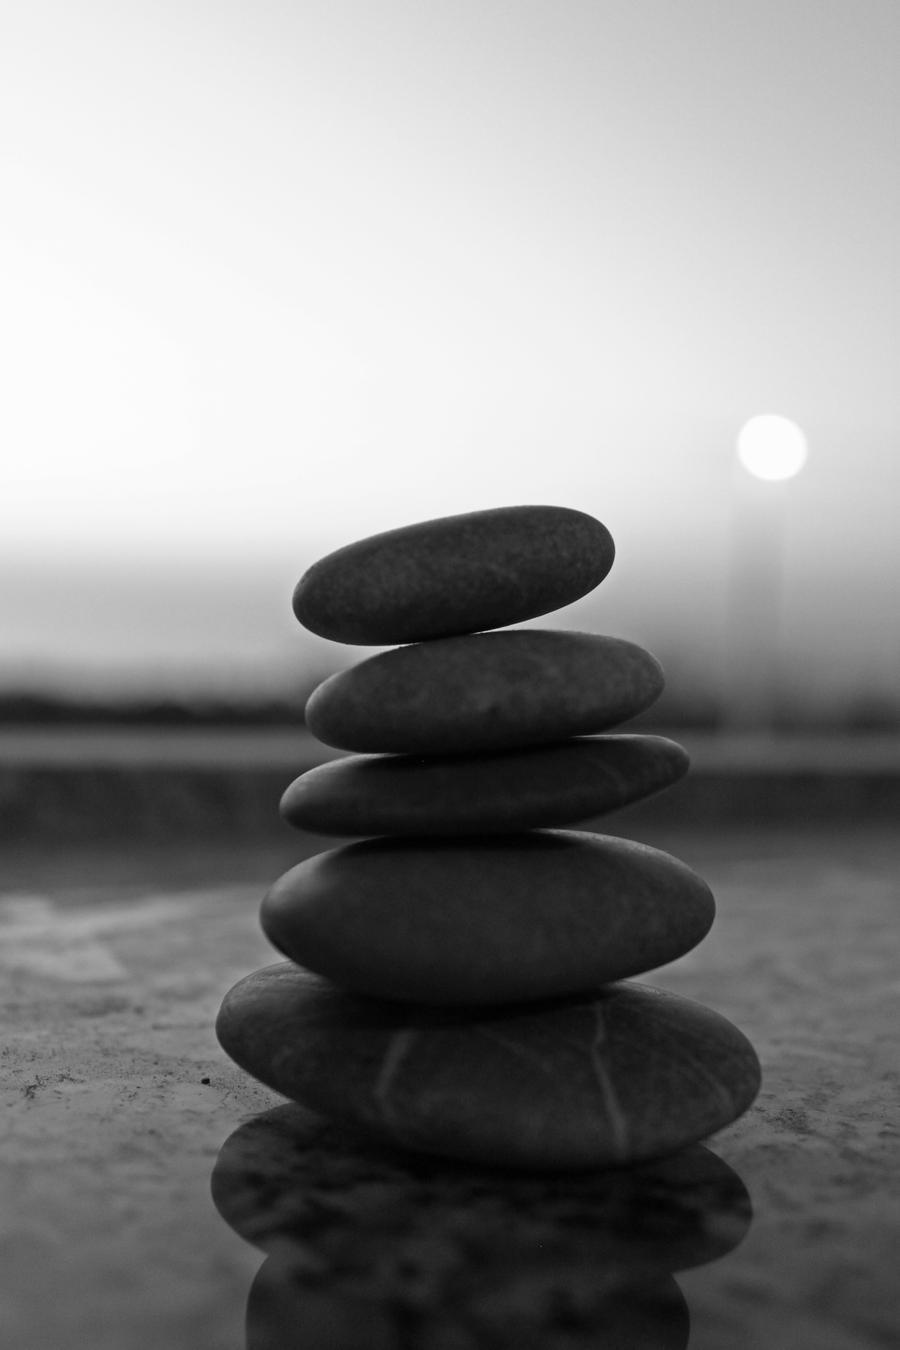 zen by Paciocco